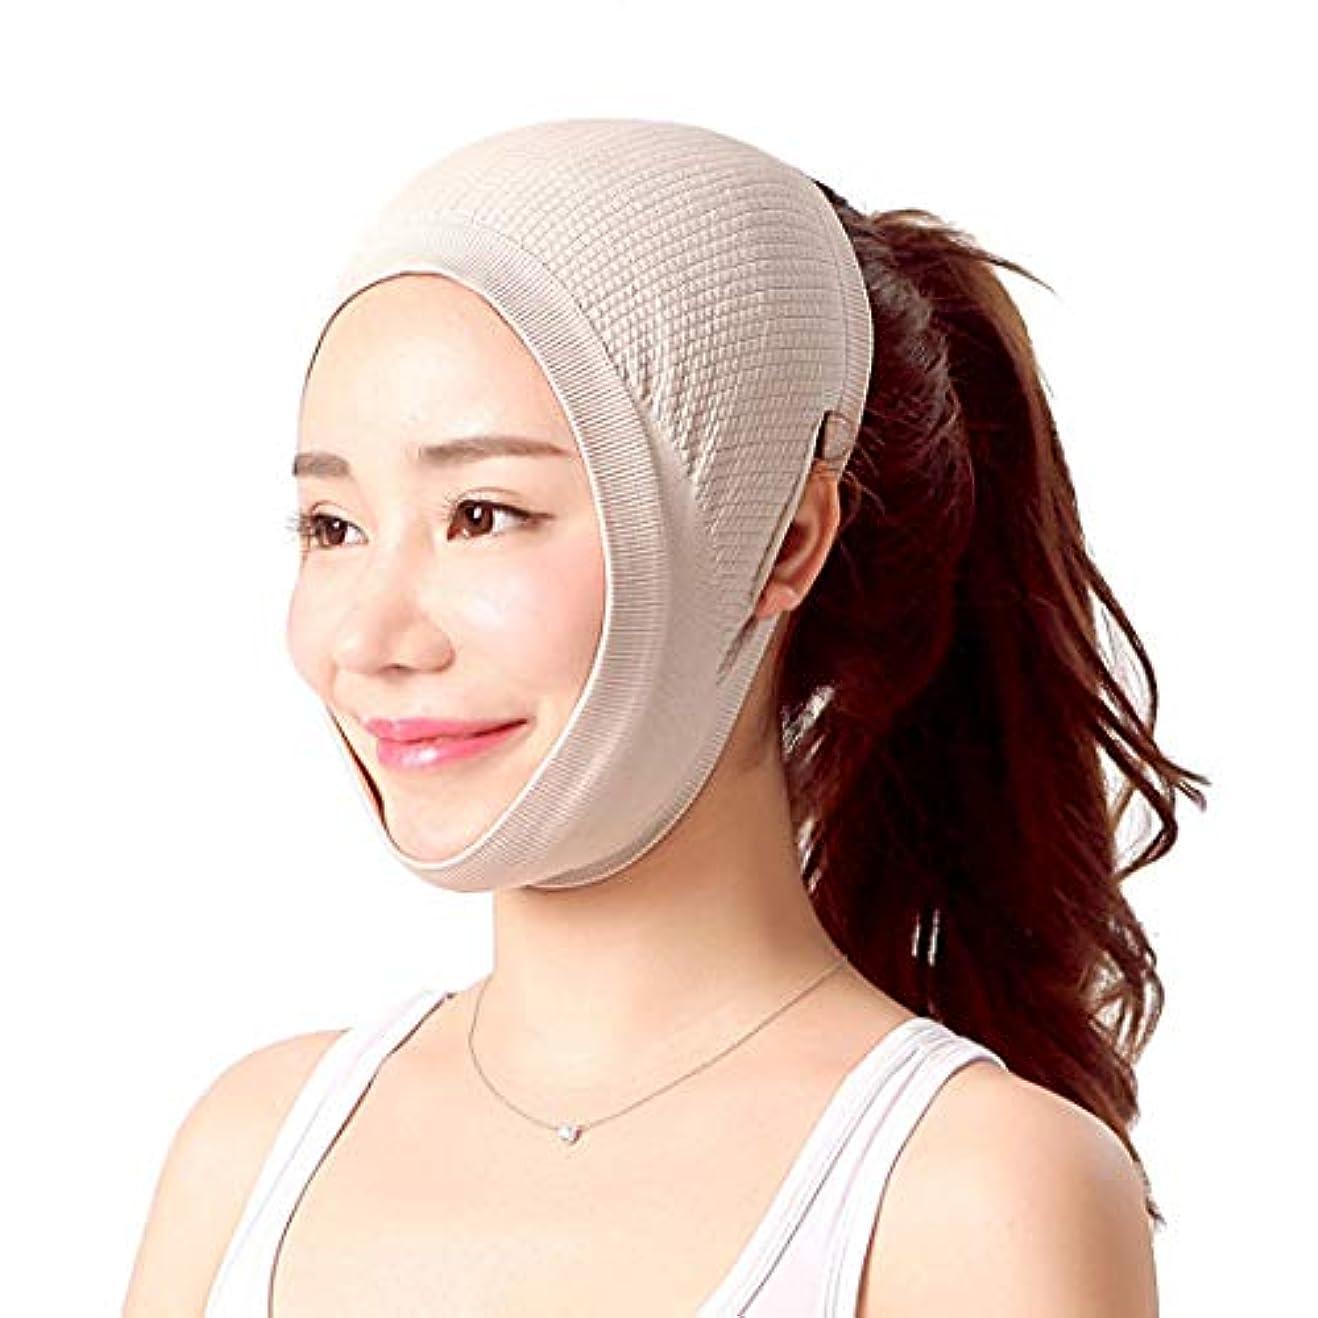 忘れる導体ポテトZWBD フェイスマスク, 減量の包帯を取除くために皮の包帯、二重あごをきつく締めるための顔の包帯が付いている顔の減量のマスクは調節することができます